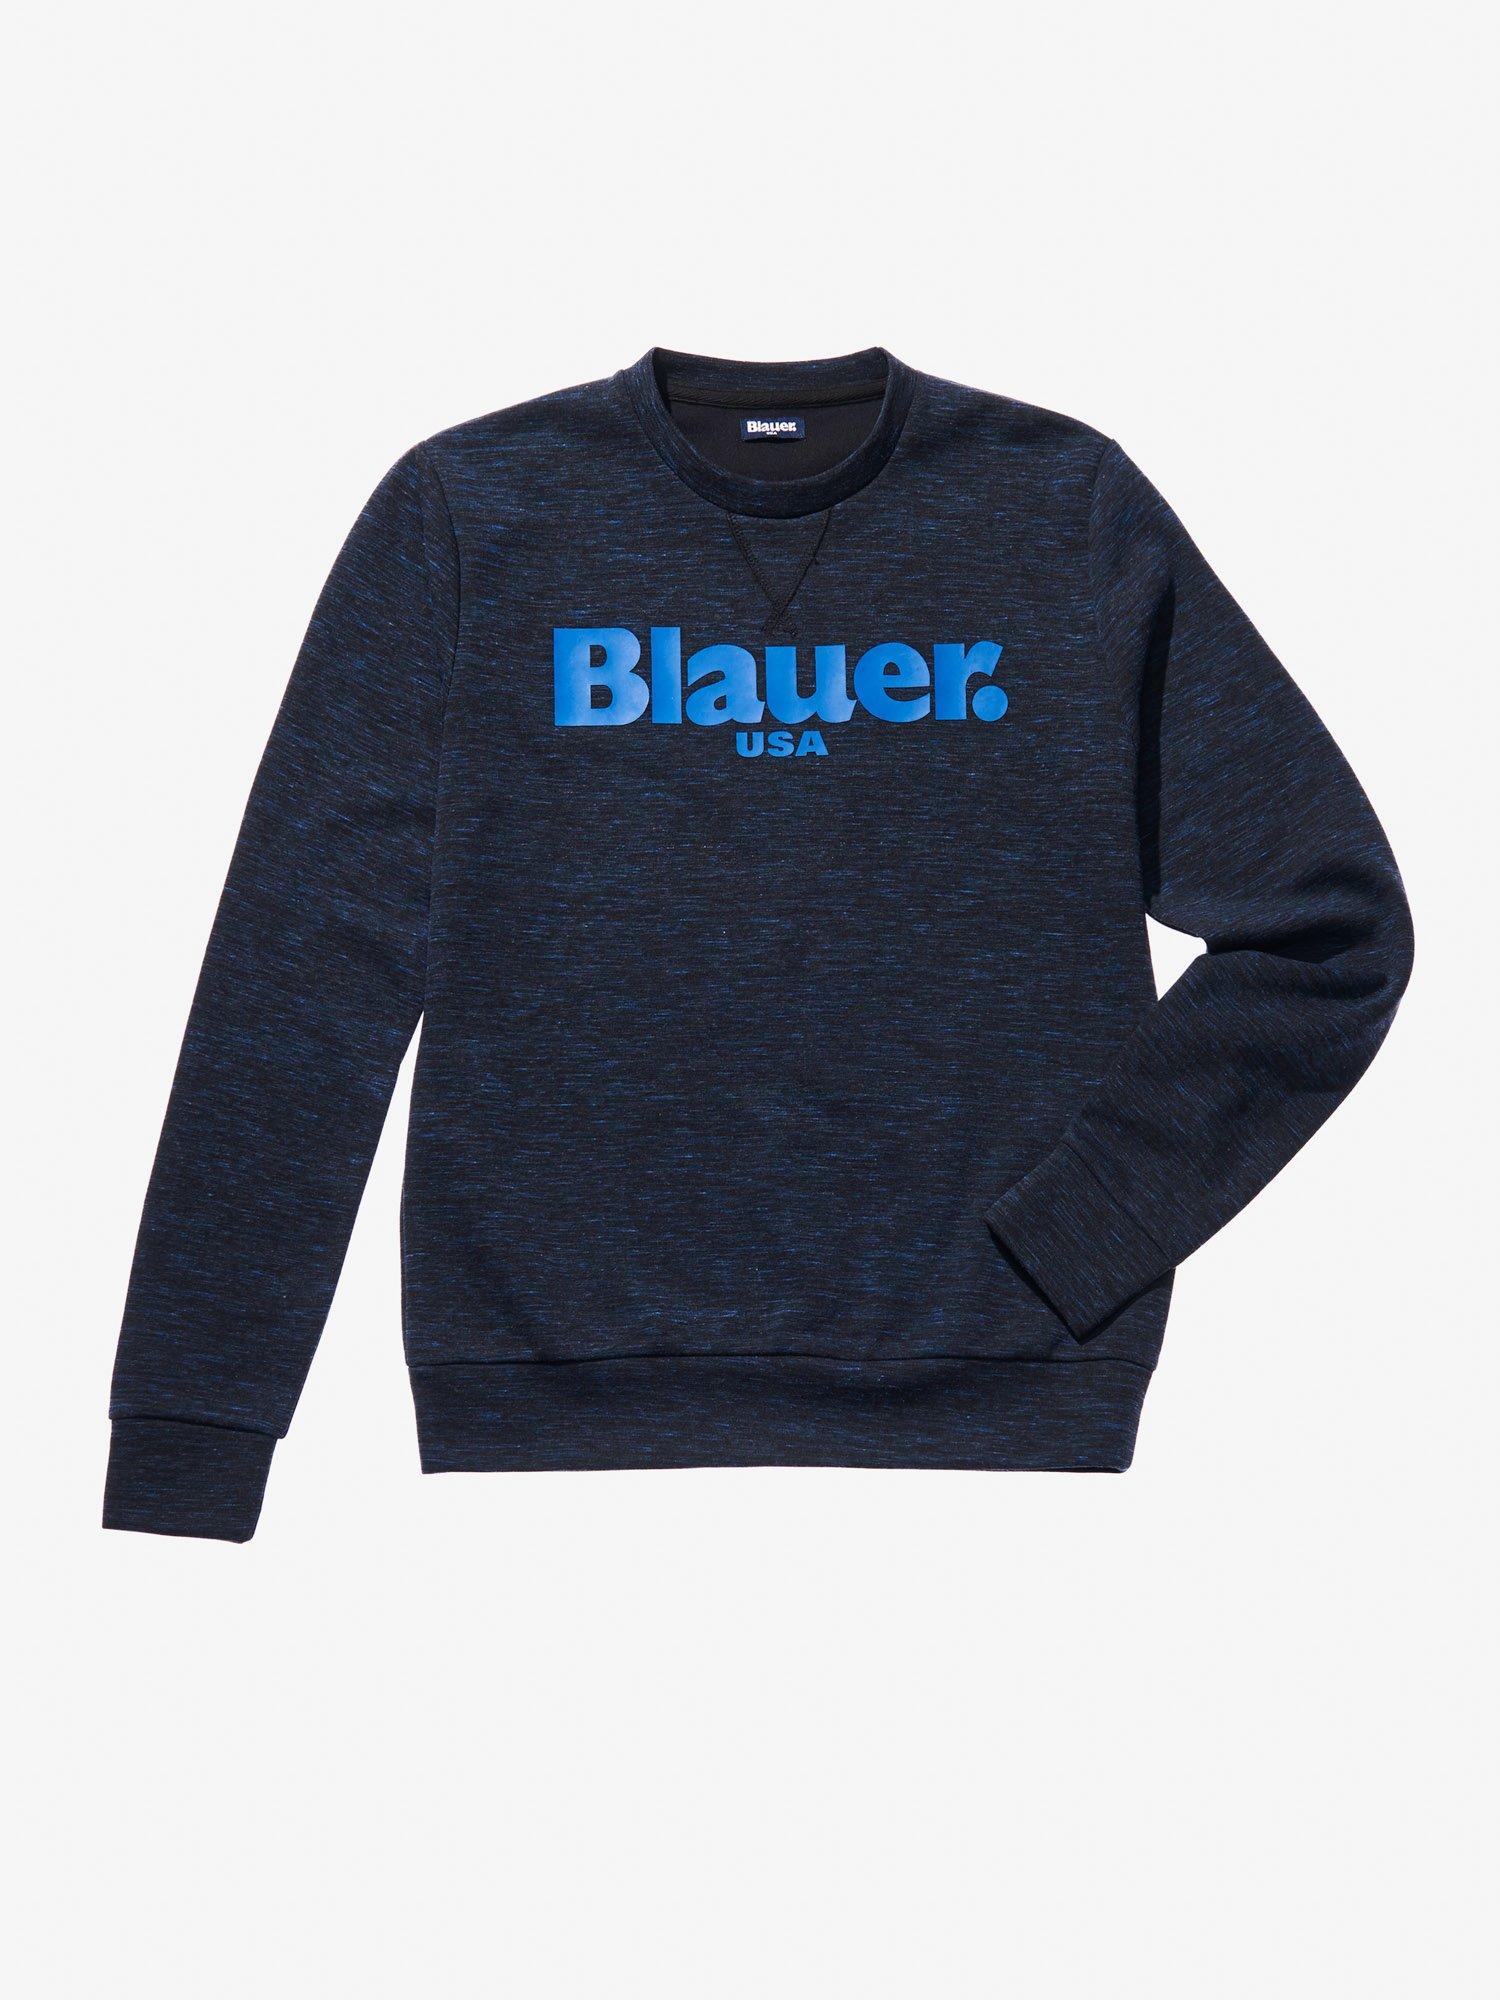 Blauer - SLUB CREW NECK SWEATSHIRT - Melange Dark Blue - Blauer